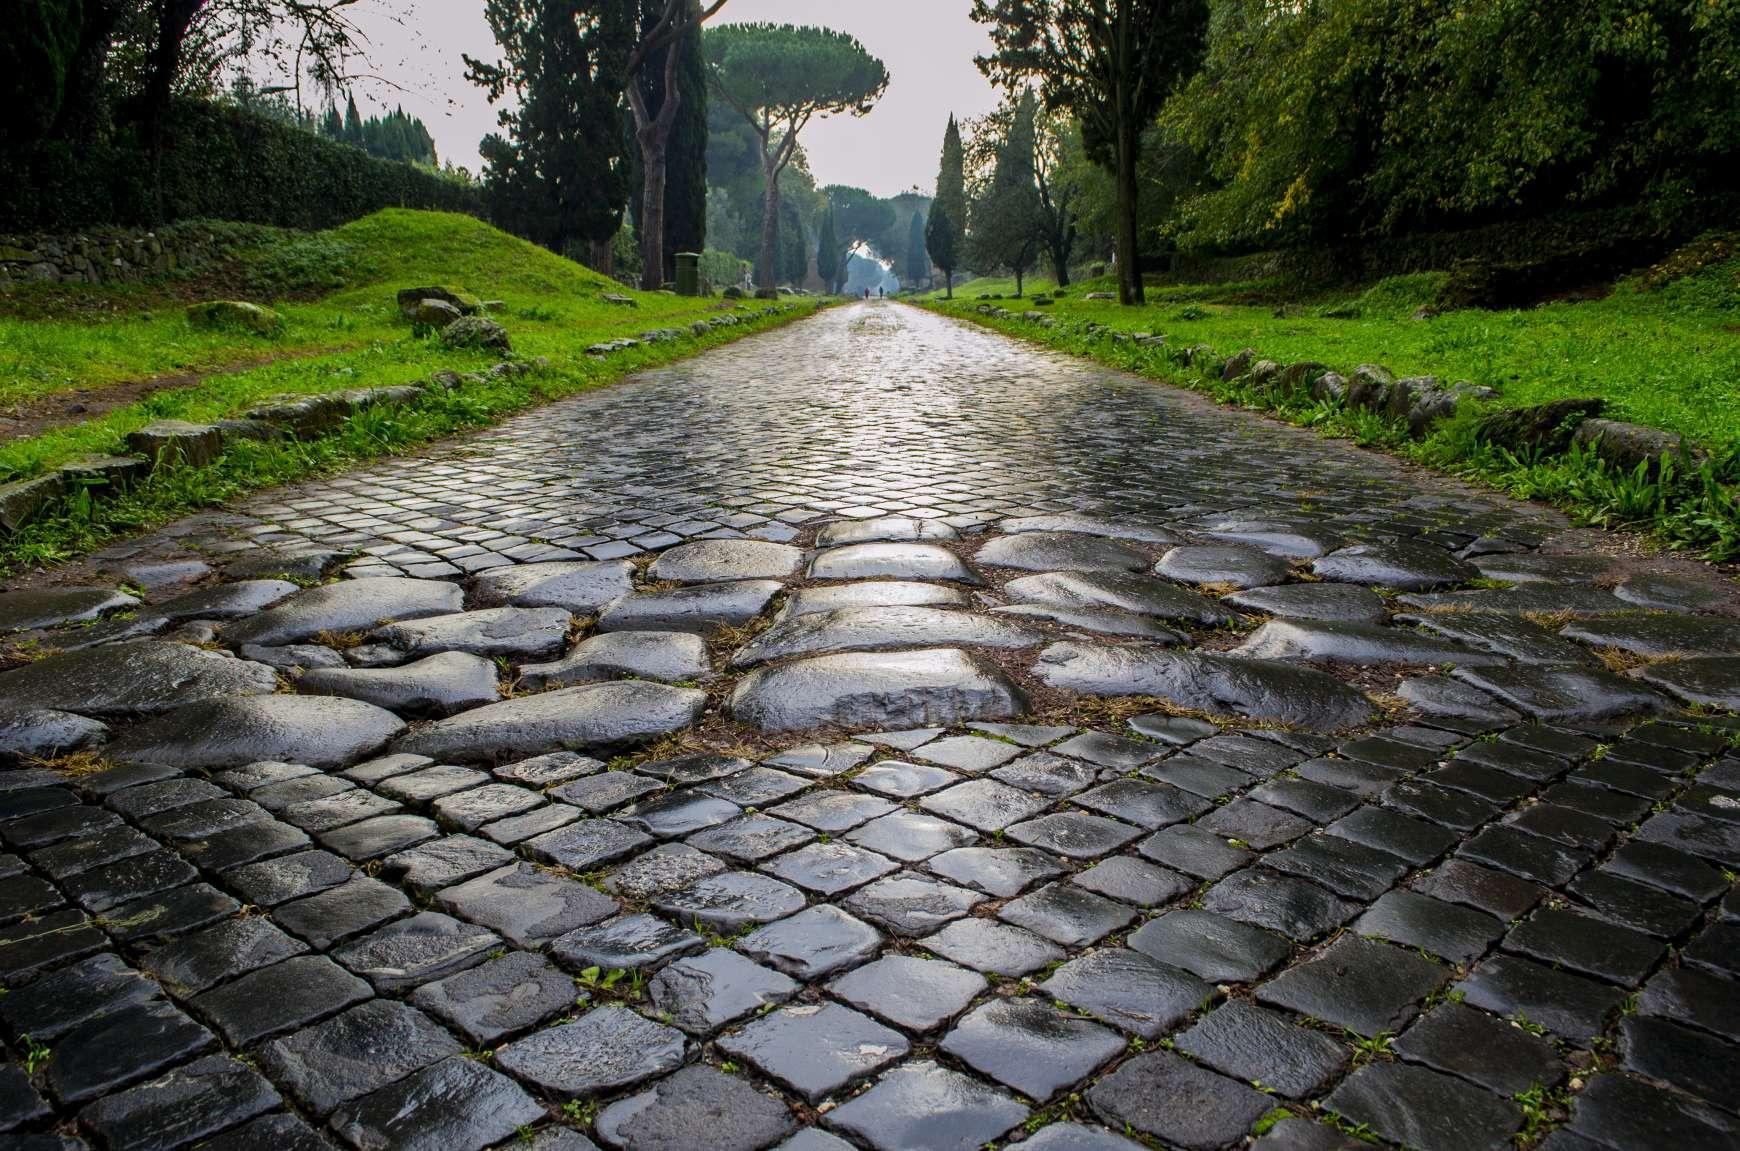 Sejarah Paving Block Dimulai dari Romawi